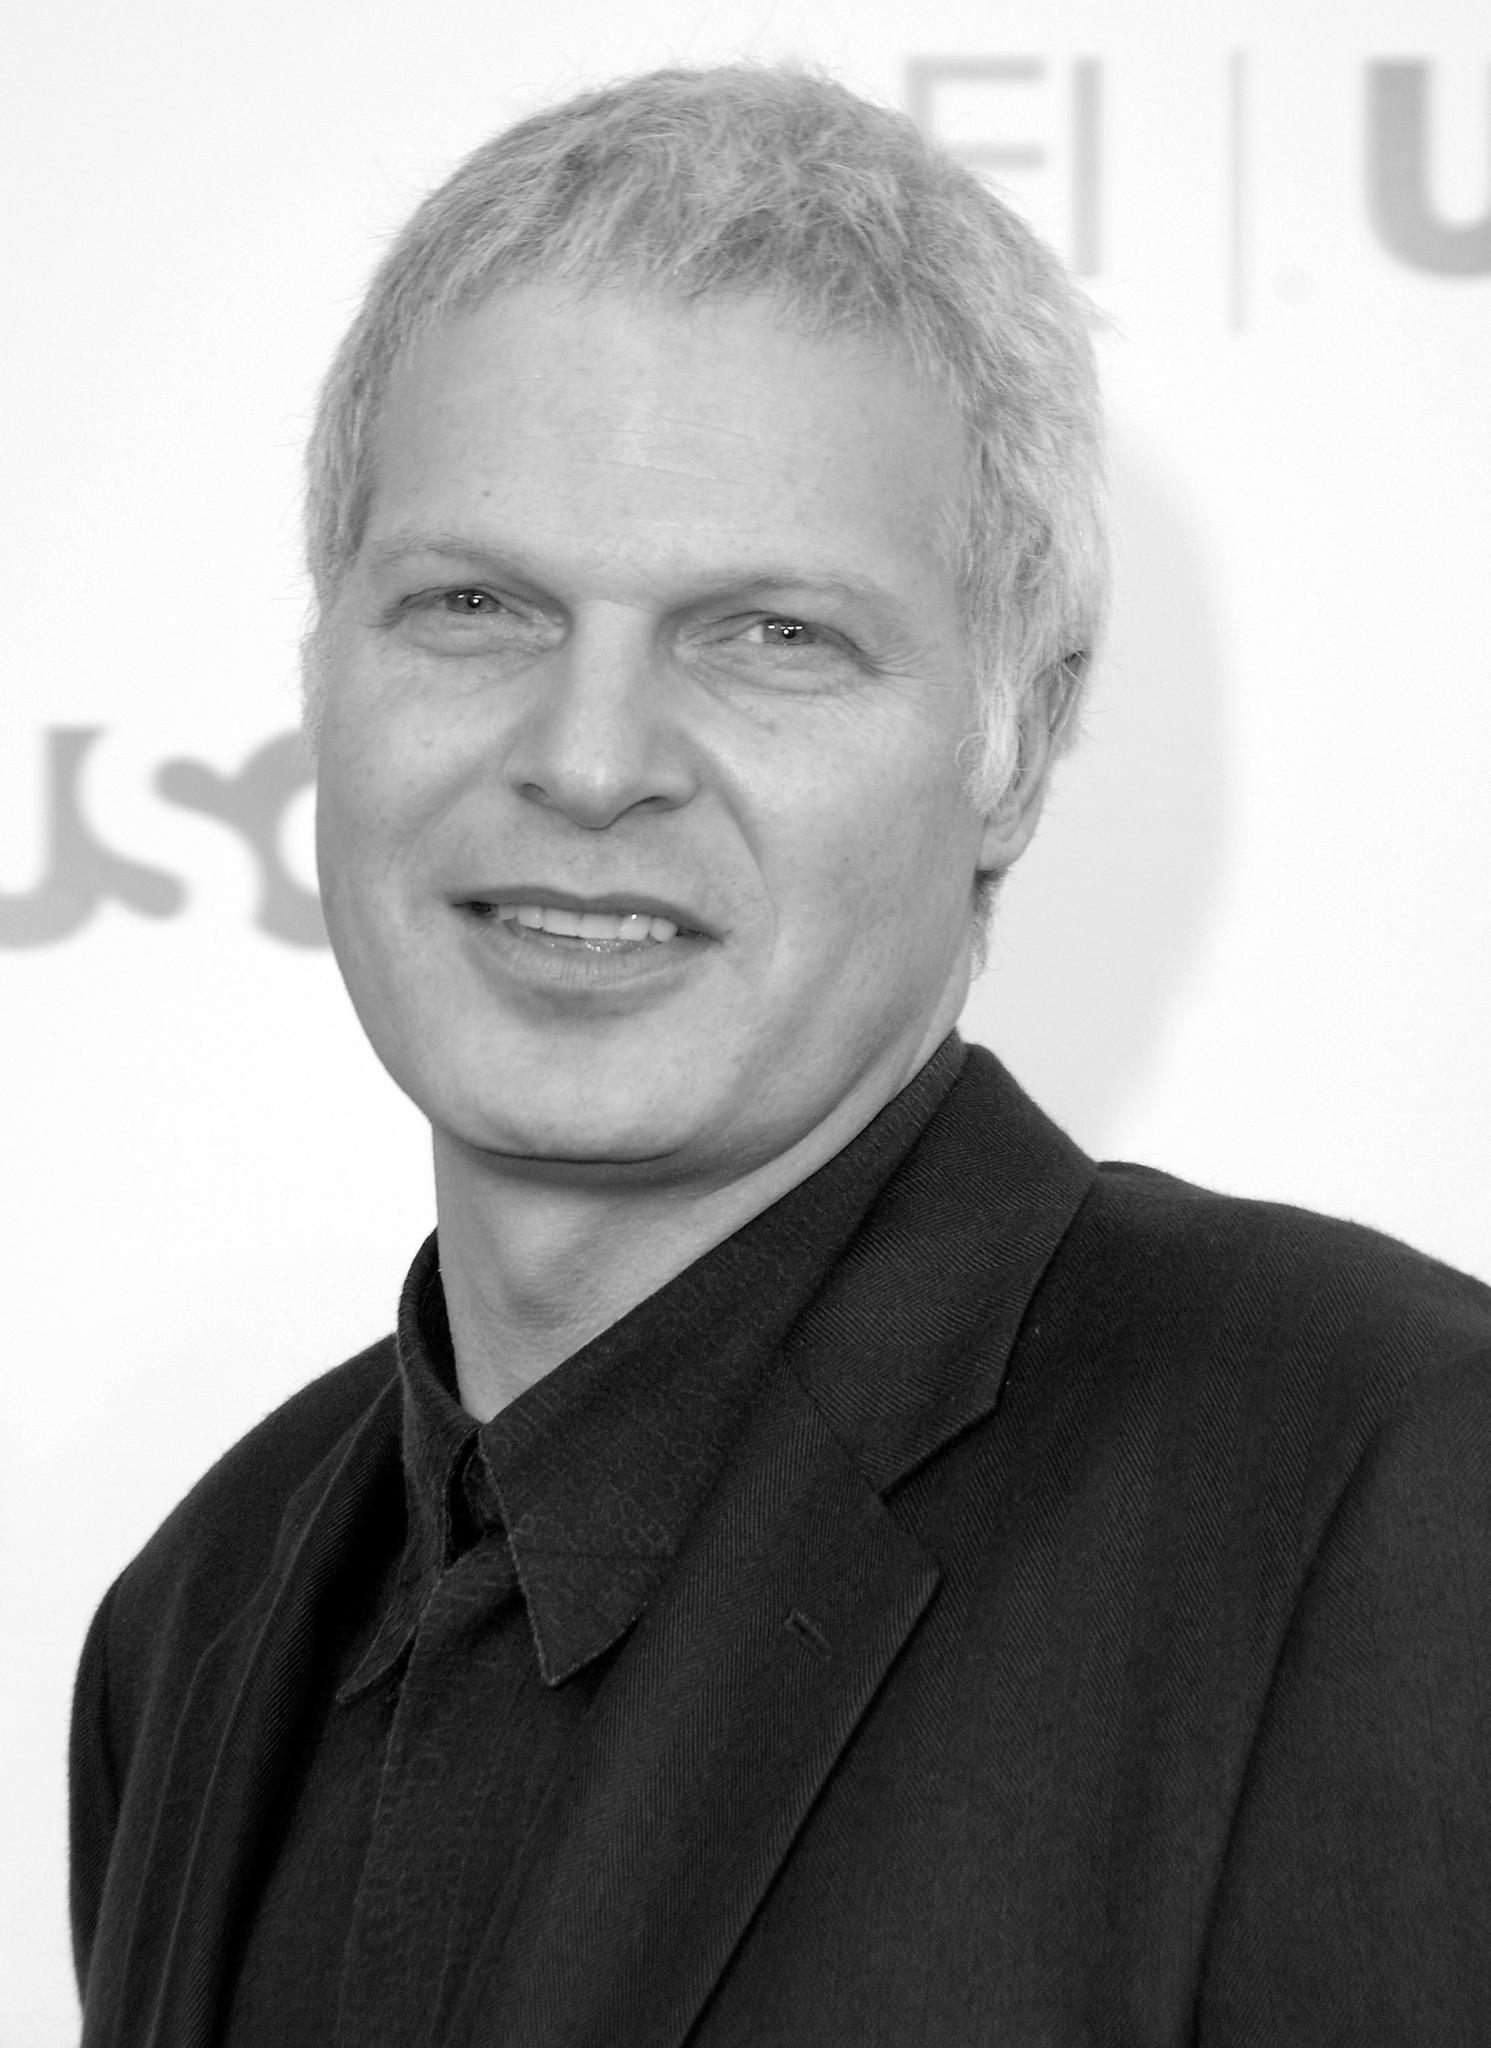 Steve Bing